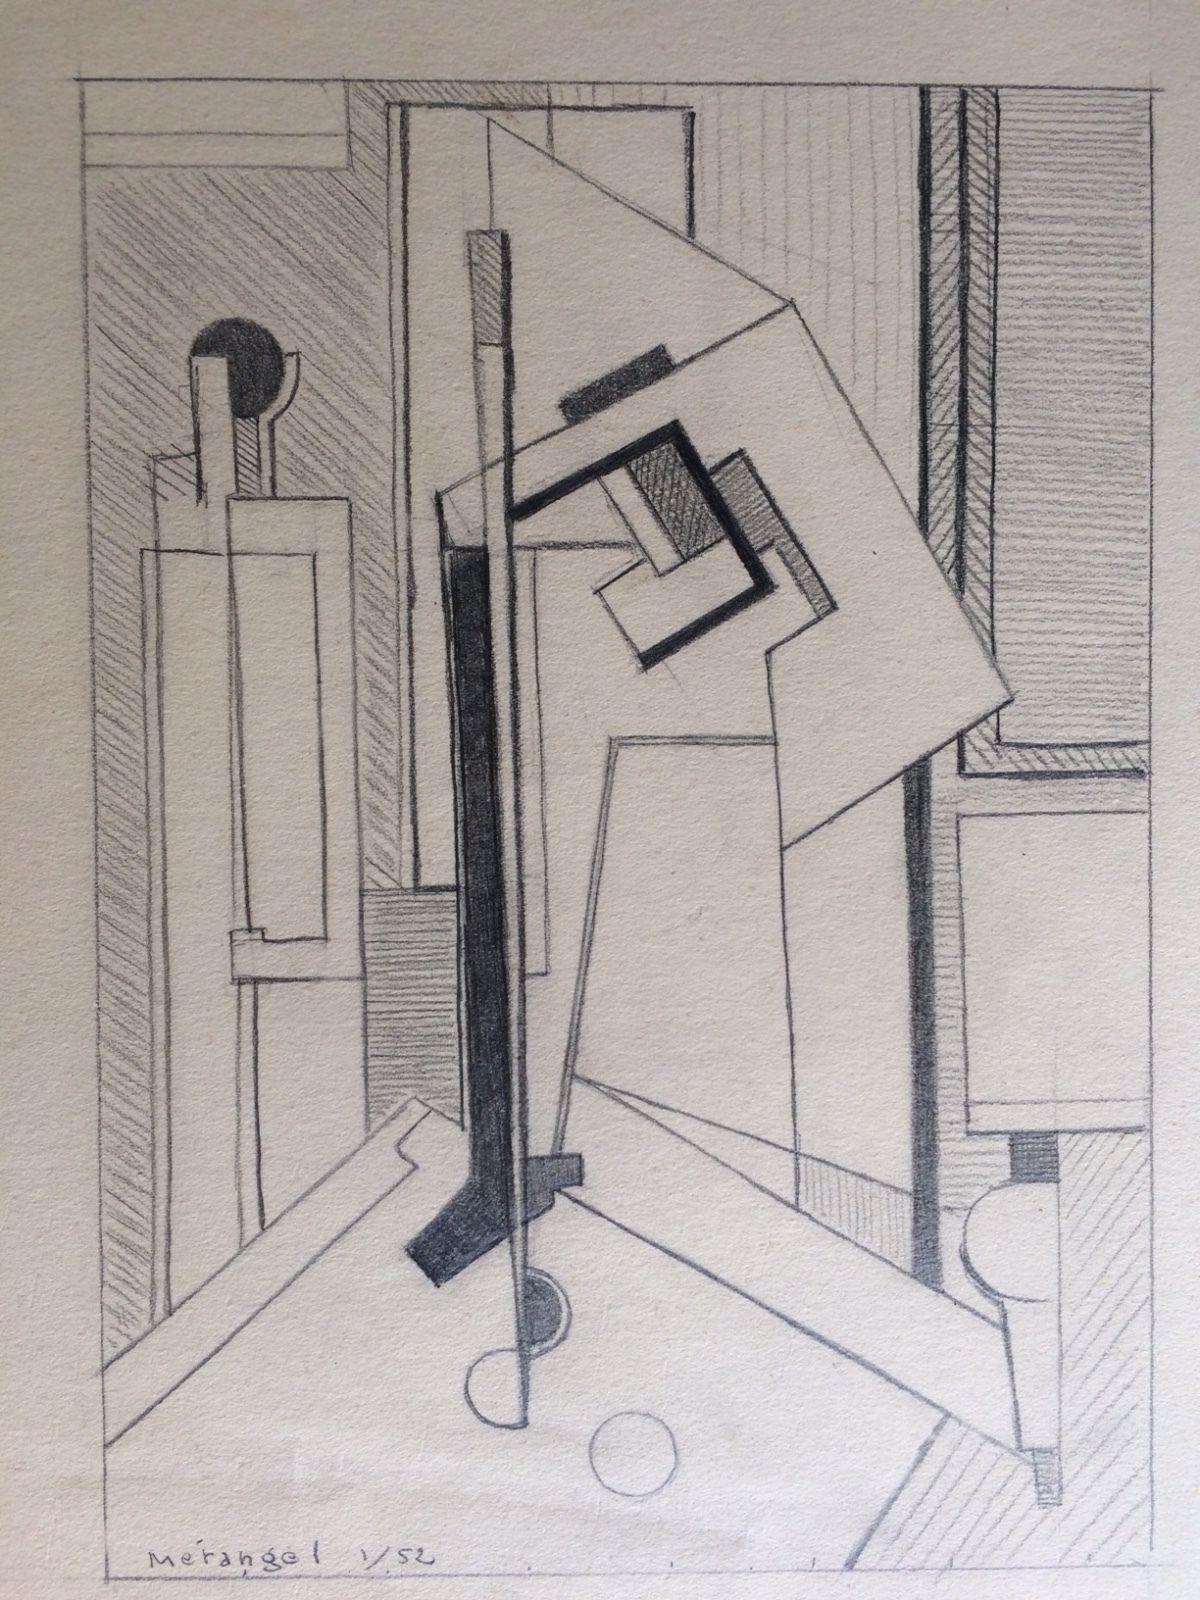 tableau cubiste Charles MERANGEL (1908-1993) école de PARIS sport Billard 1952 https://t.co/ulL8swCrcZ #Decoration https://t.co/PfOOXFmjp8